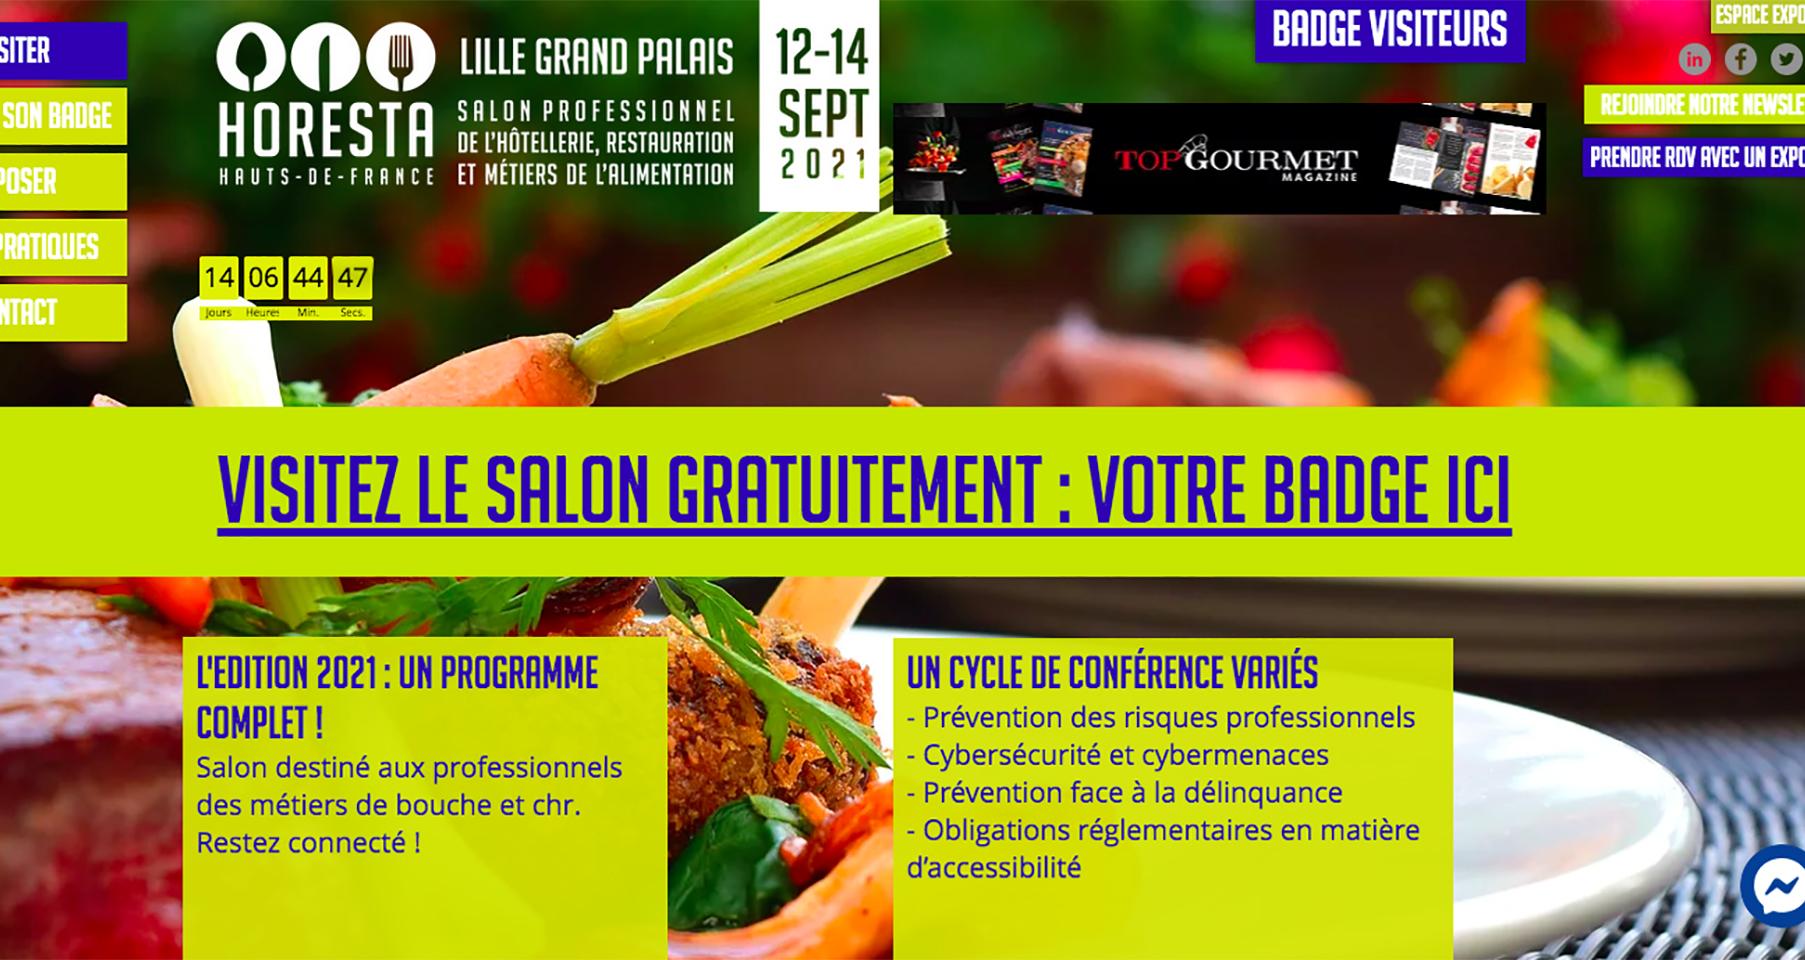 Salon Horesta Hauts-de-France 2021